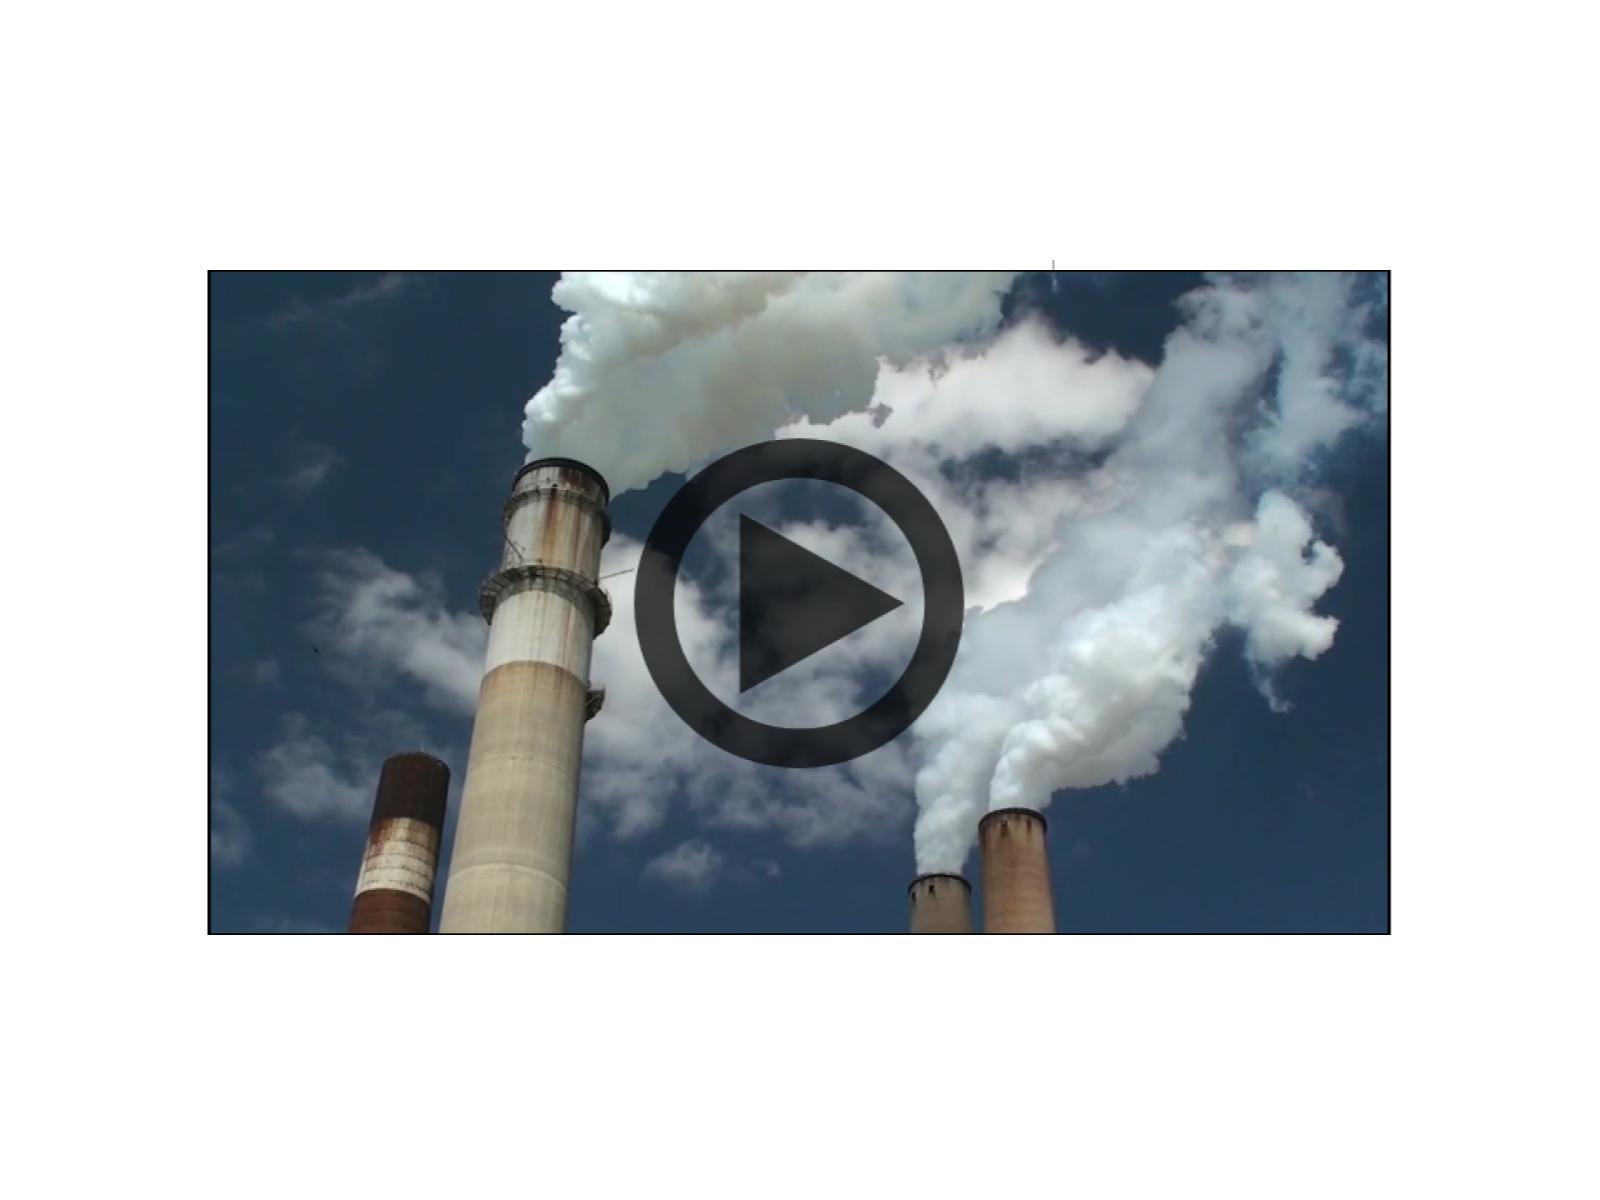 Mudanças climáticas: O que podemos fazer?